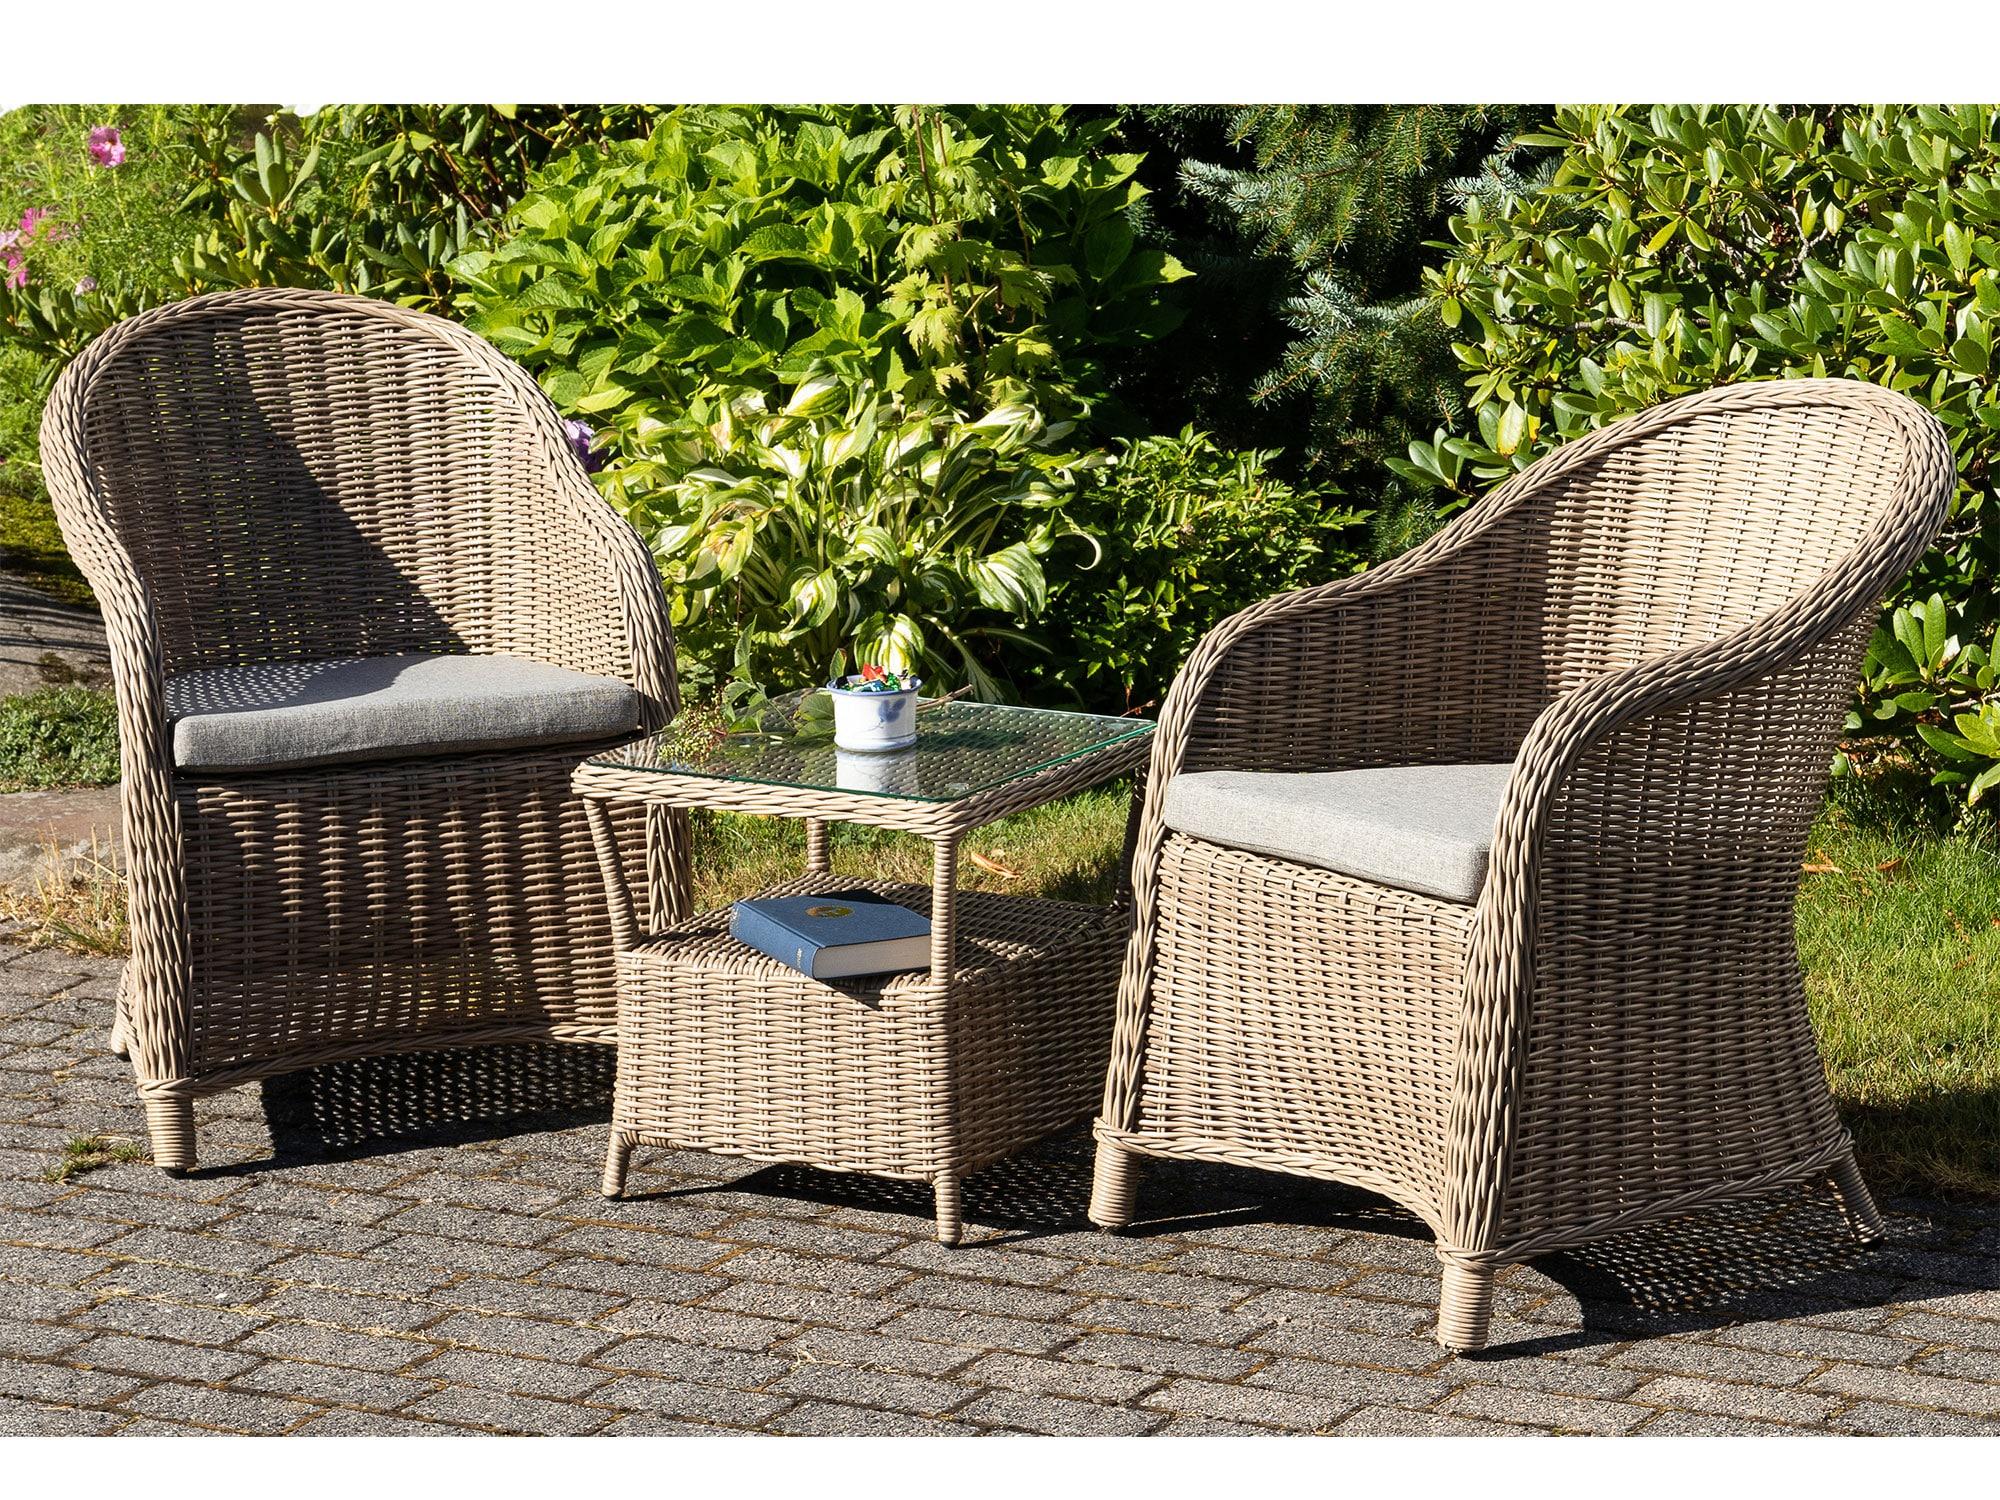 Produktbilde - Høvik terrassesett med 2 stoler og sidebord - Hartman Nordic